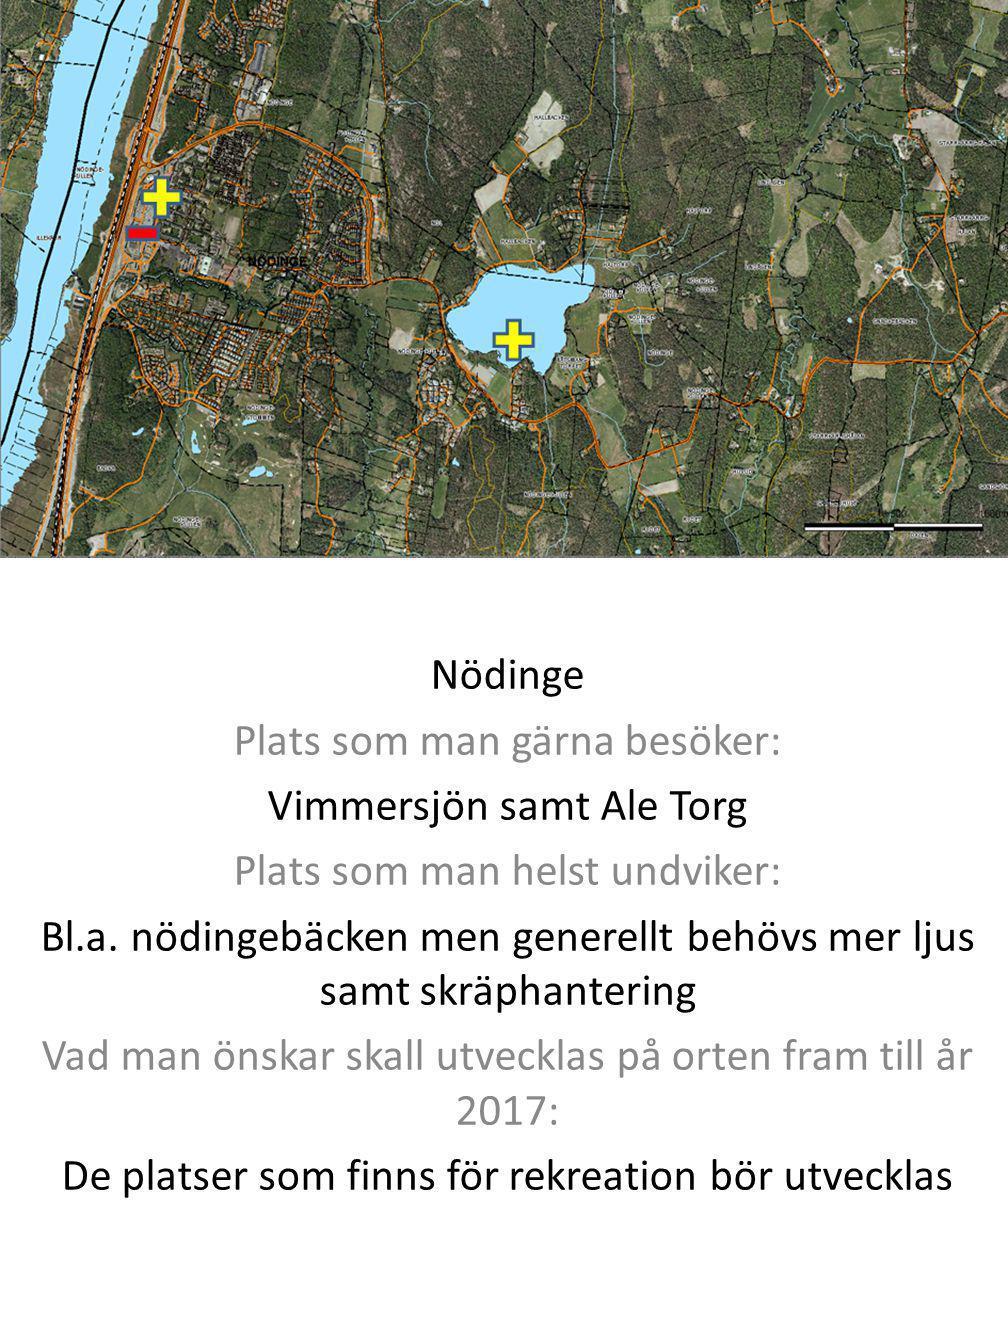 Plats som man gärna besöker: Vimmersjön samt Ale Torg